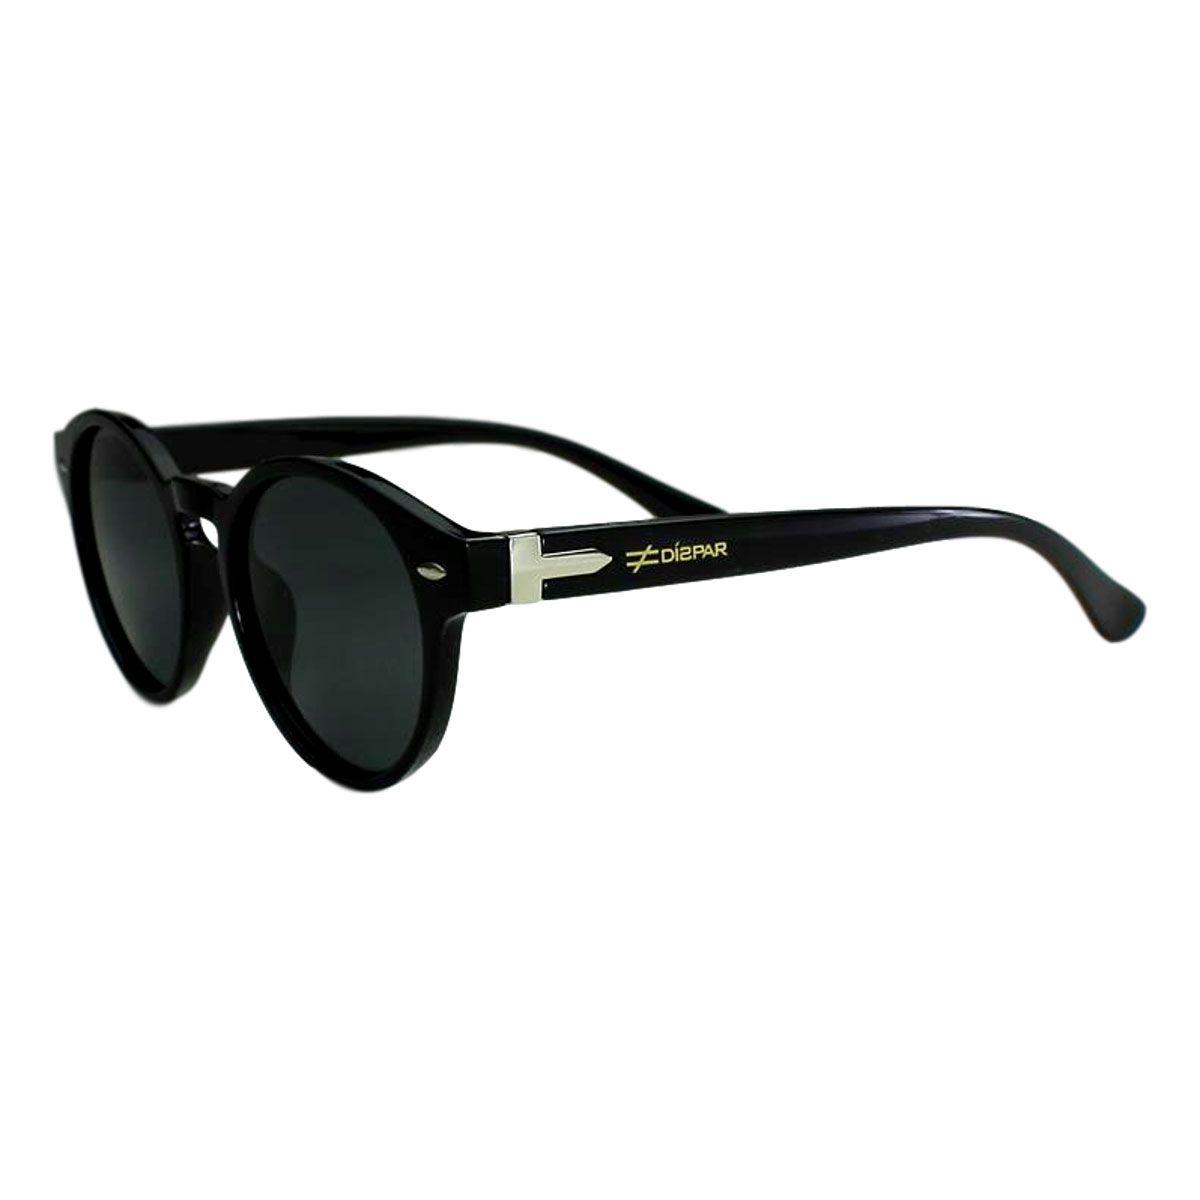 04f014964 atacado oculos de sol e armacoes para grau personalizacao atacado ...